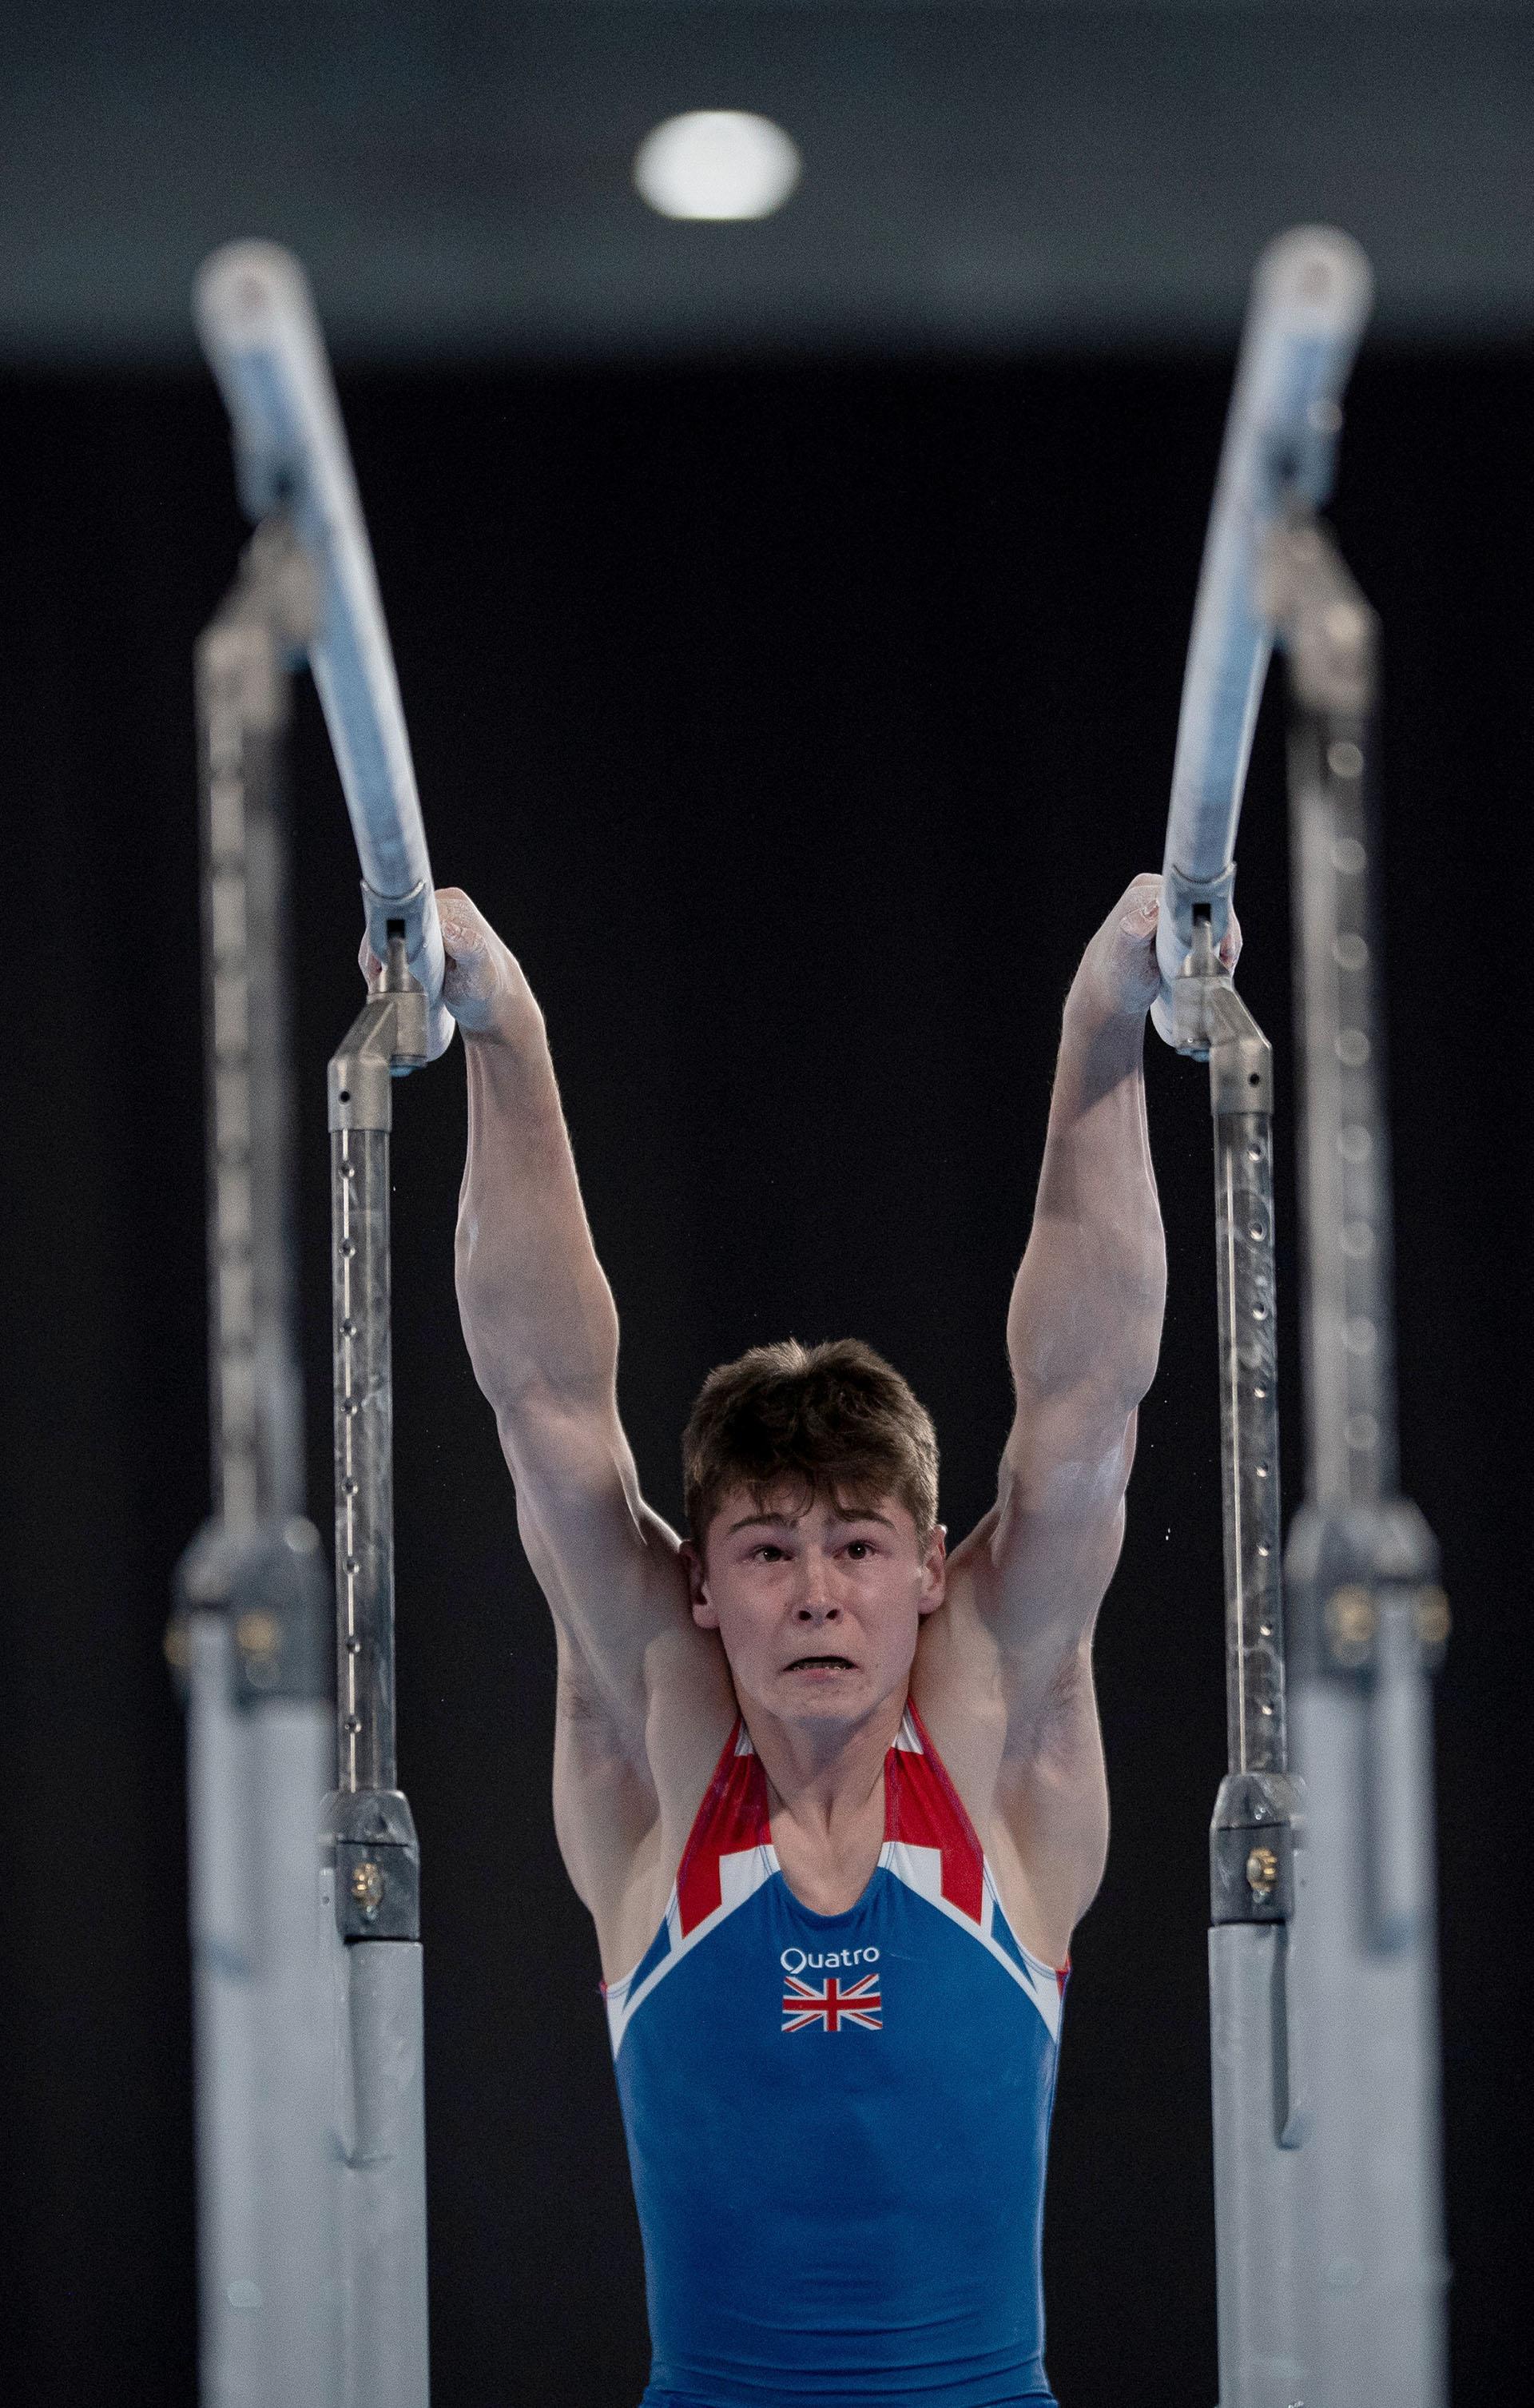 Adam Tobin, de Gran Bretaña, en la final de Paralelas de Gimnasia Artística (REUTERS)